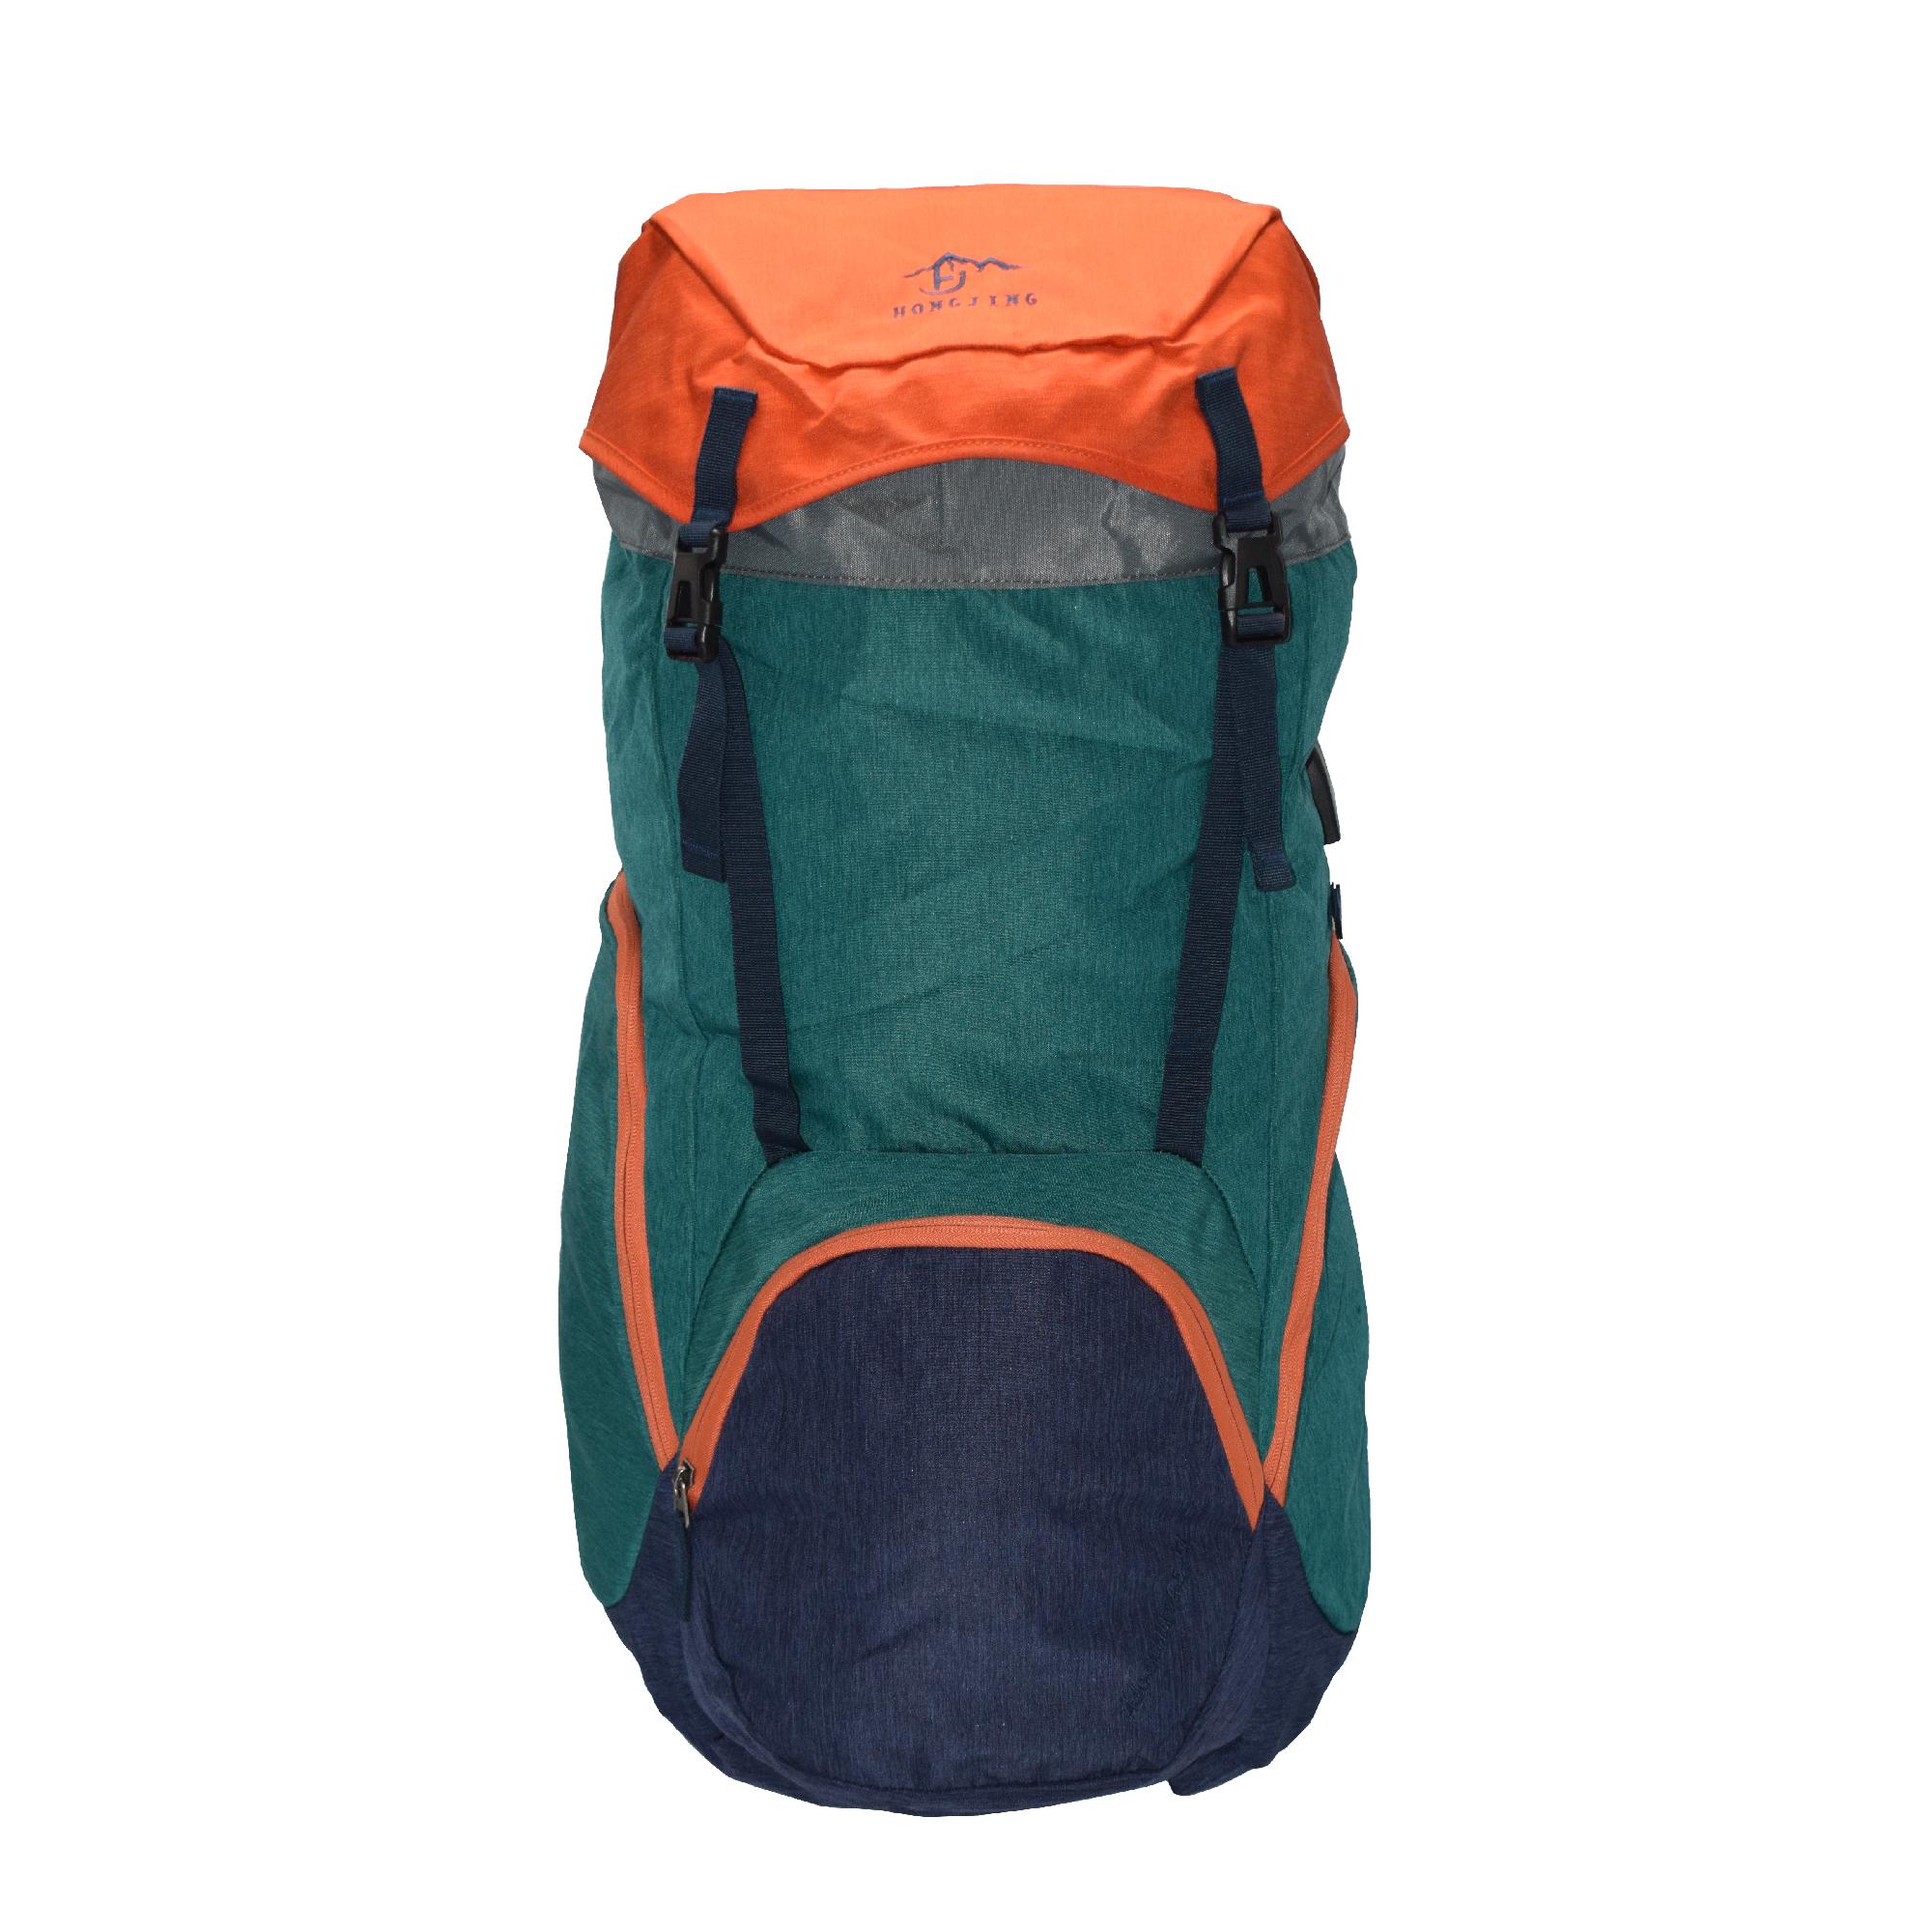 کوله پشتی کوهنوردی 50 لیتری هنگ جینگ مدل ADUENTERE